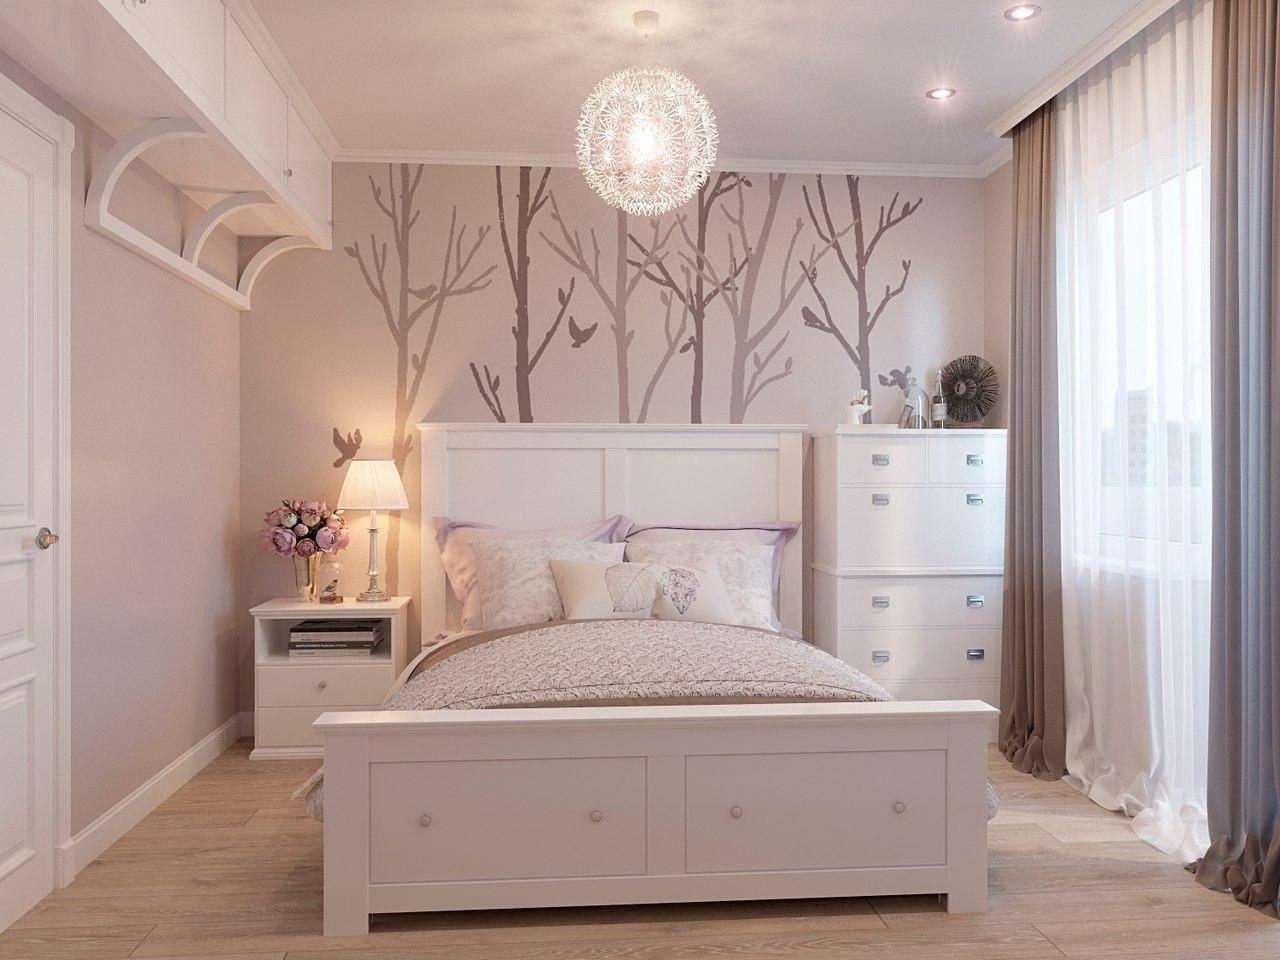 Именно светлые оттенки помогут сделать спальню зрительно просторнее